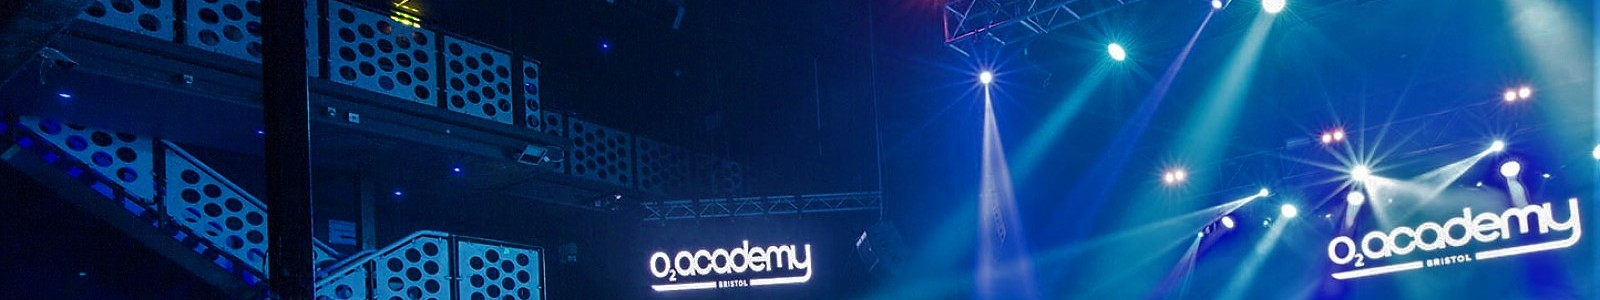 O2 Academy Bristol